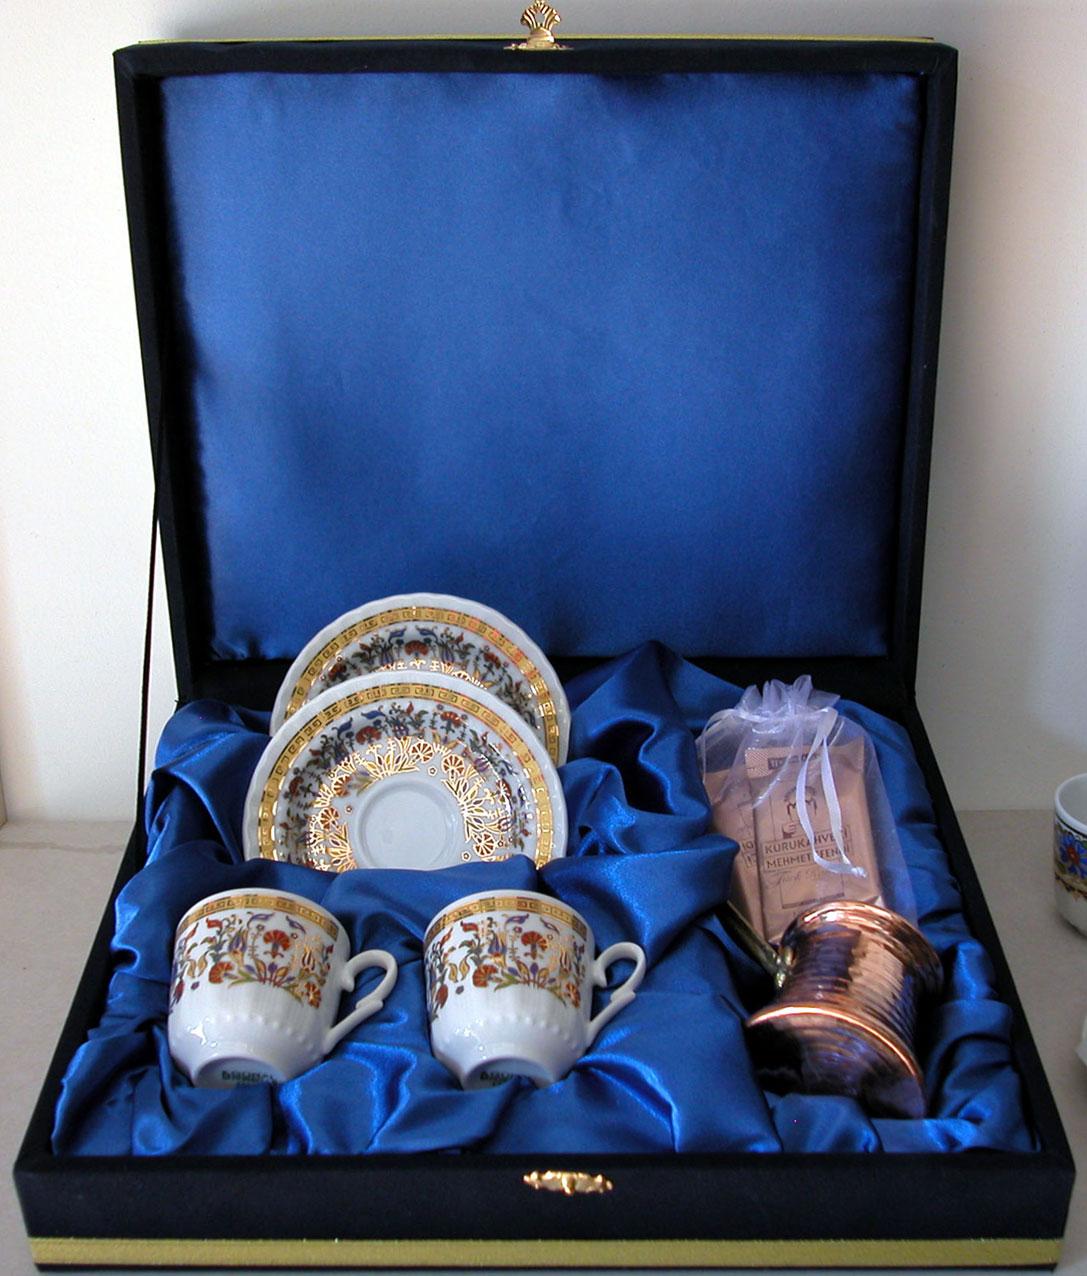 Kutu içine Logo Bakır Cezveli Kahveli İkili Kahve Setleri Geleneksel Türk Hediyeleri